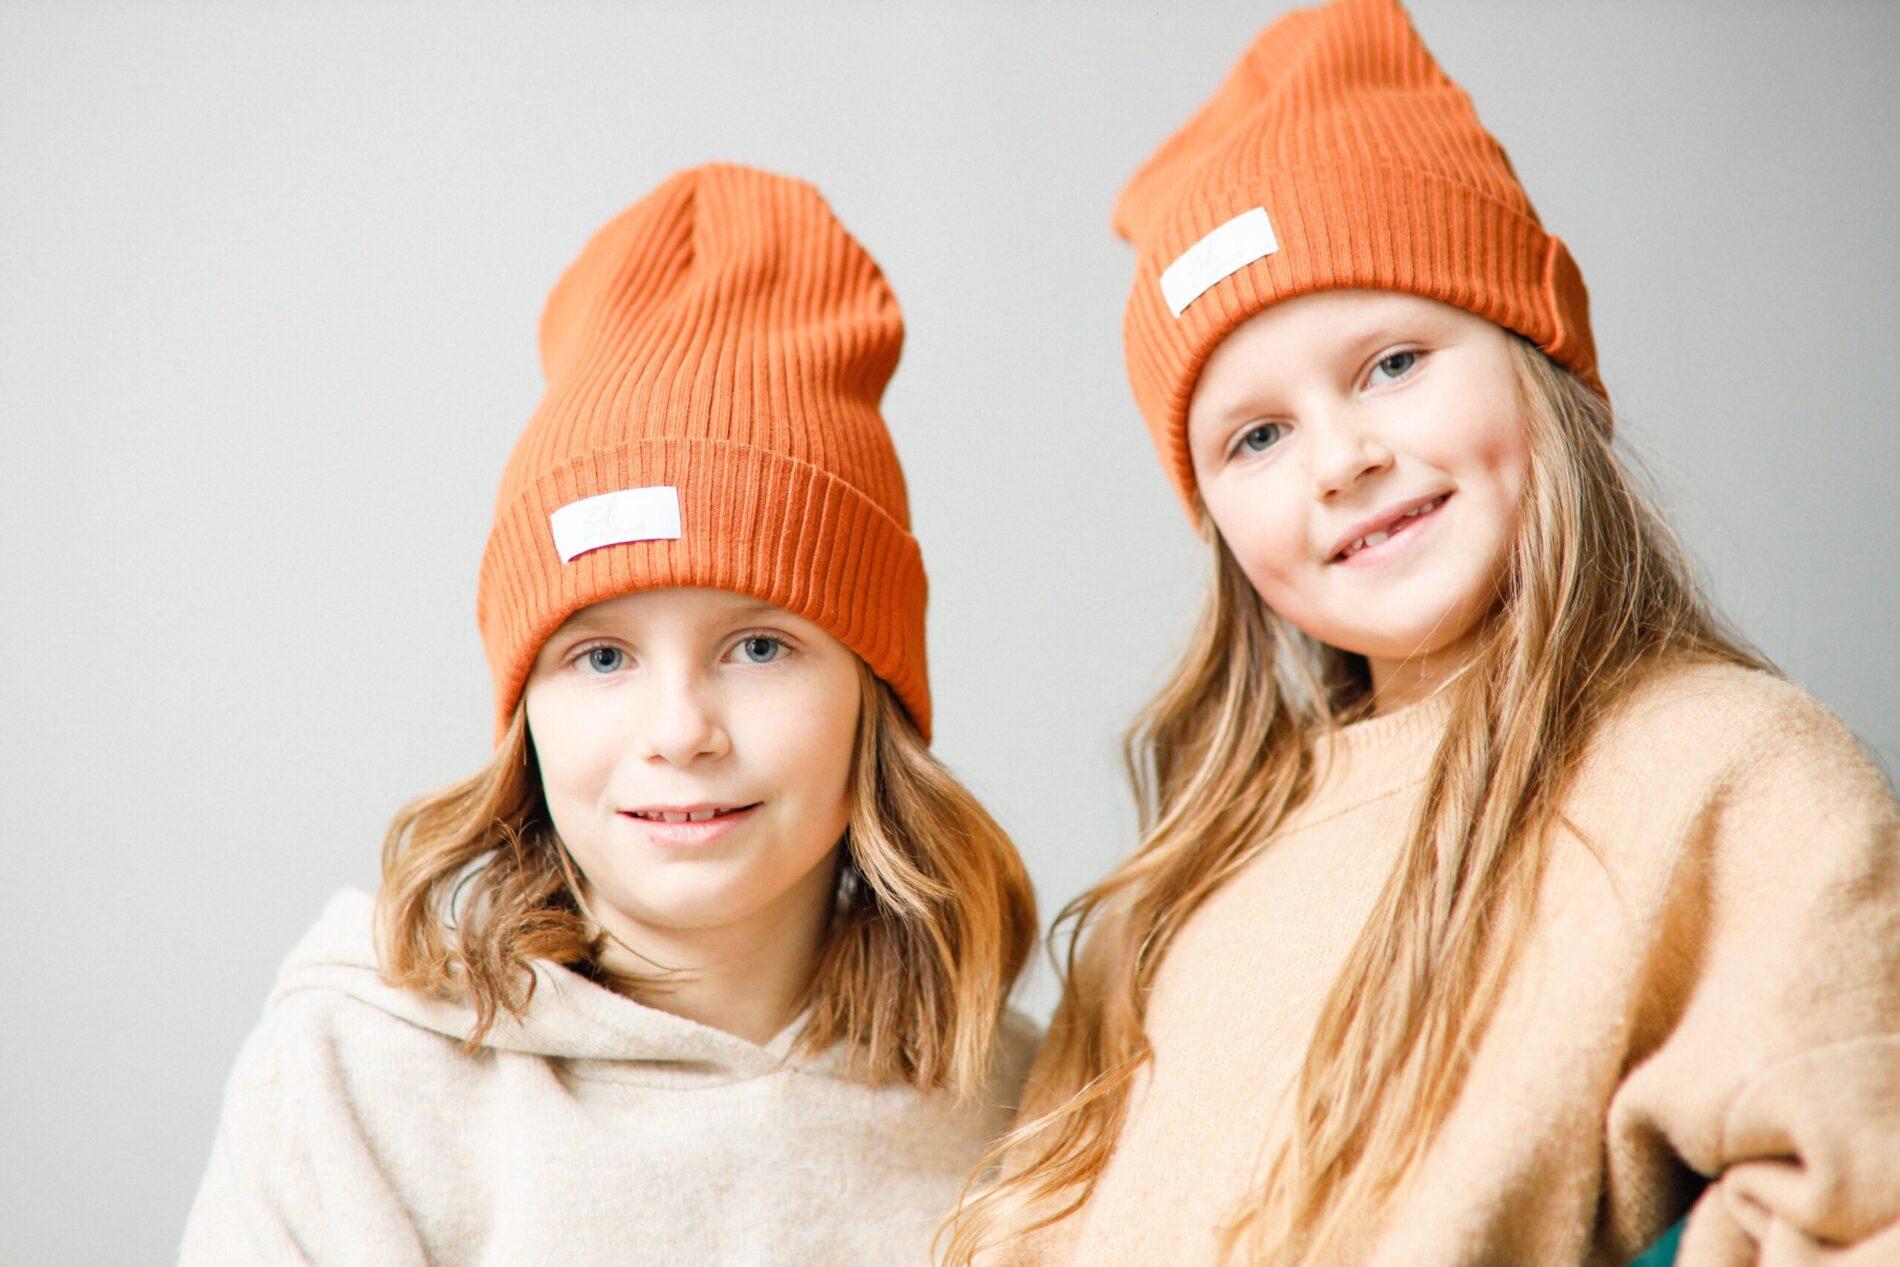 Czapka bawełniana Coruña dla całej rodziny - kolor naranja rojizo